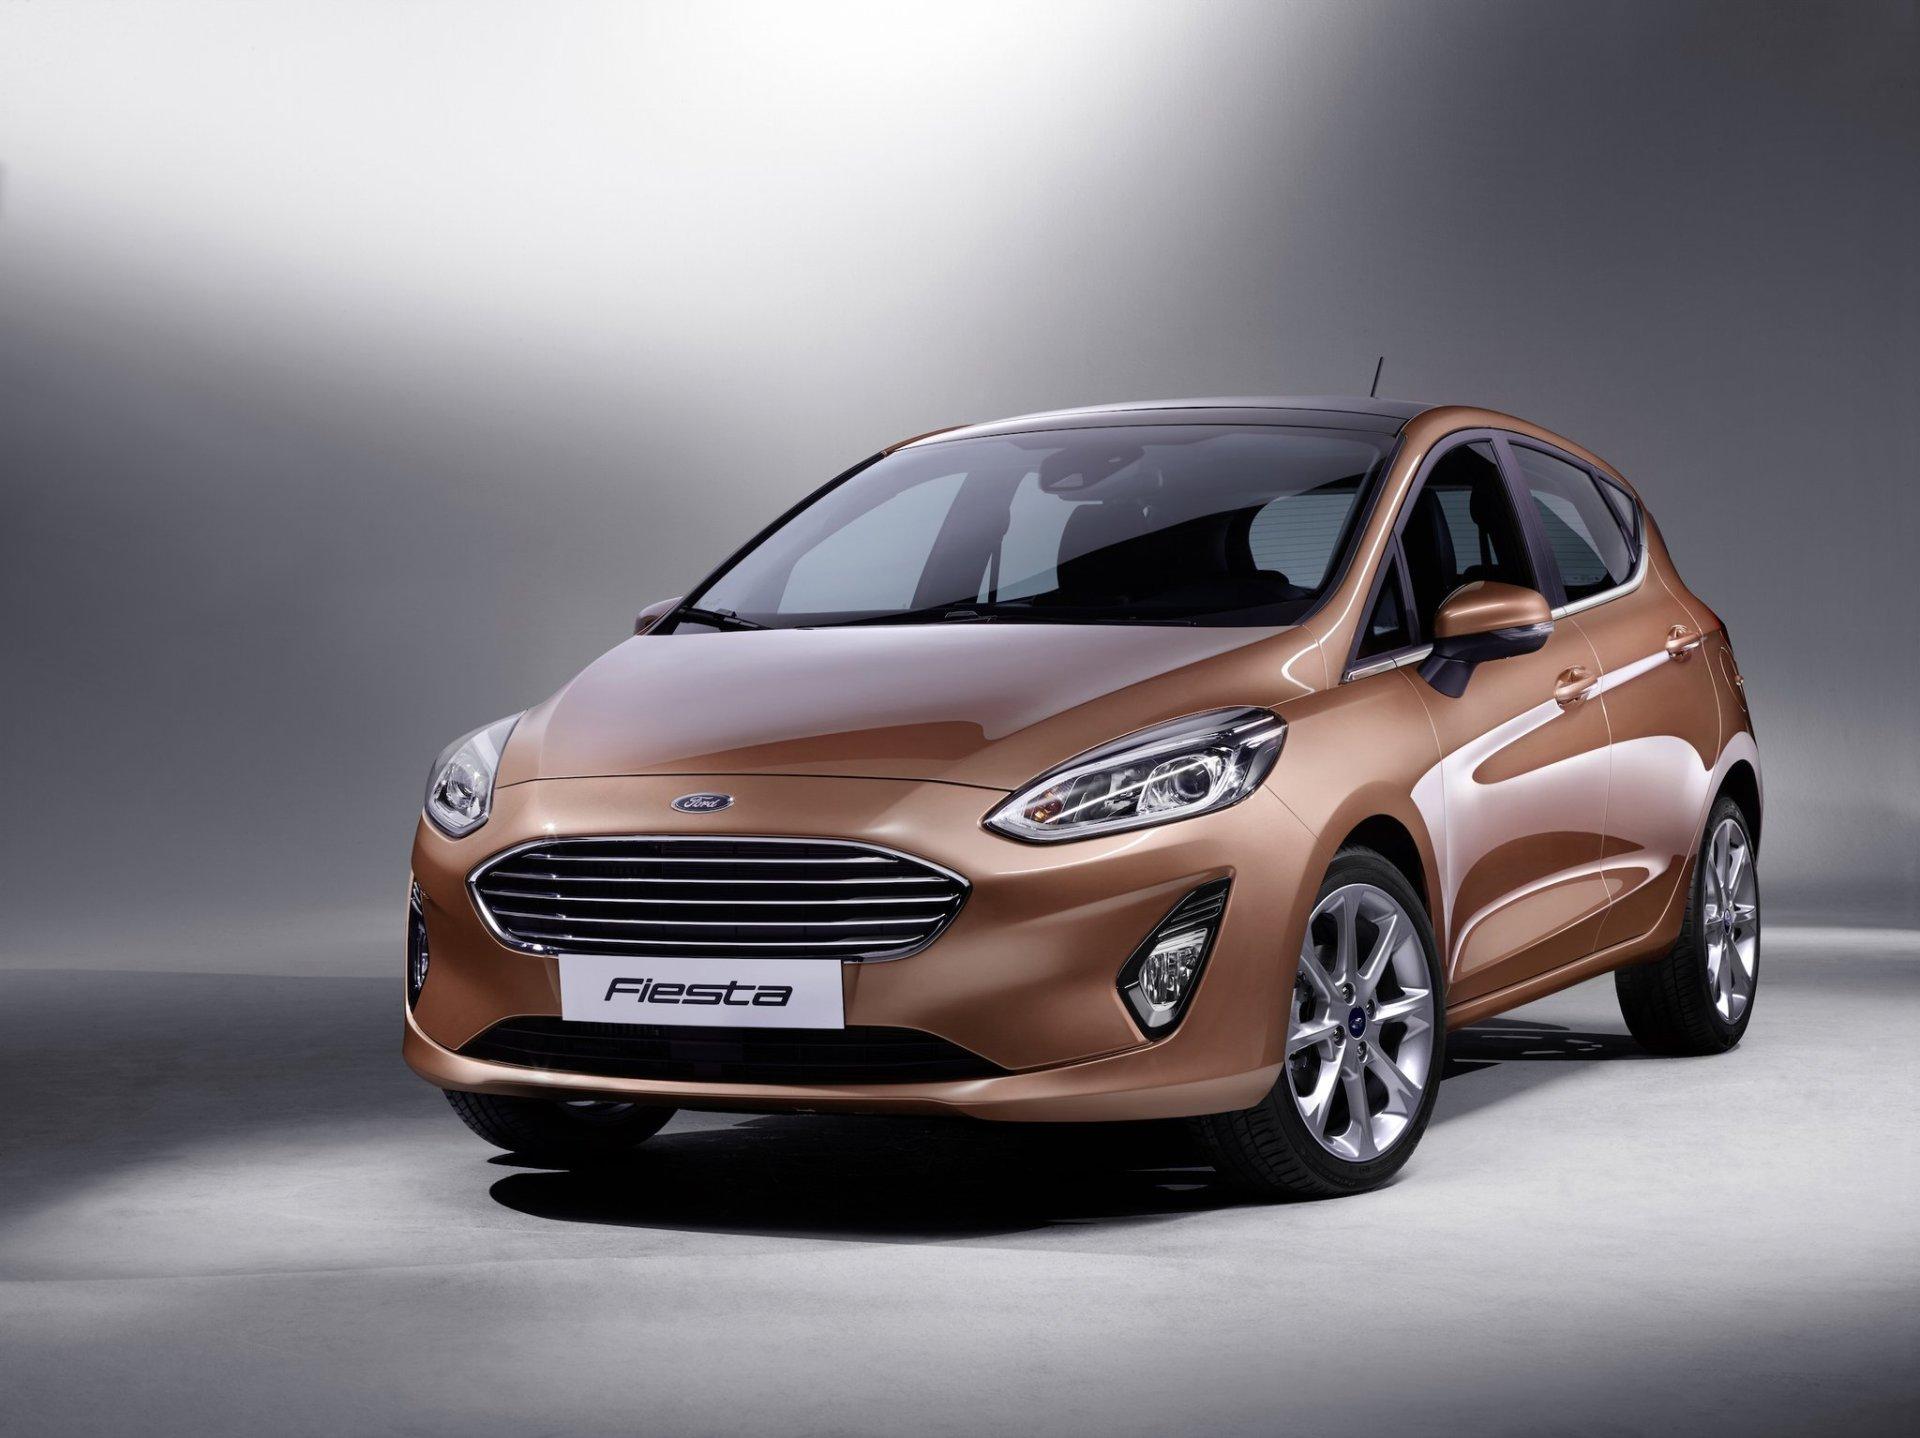 Novo Ford Fiesta já tem preços